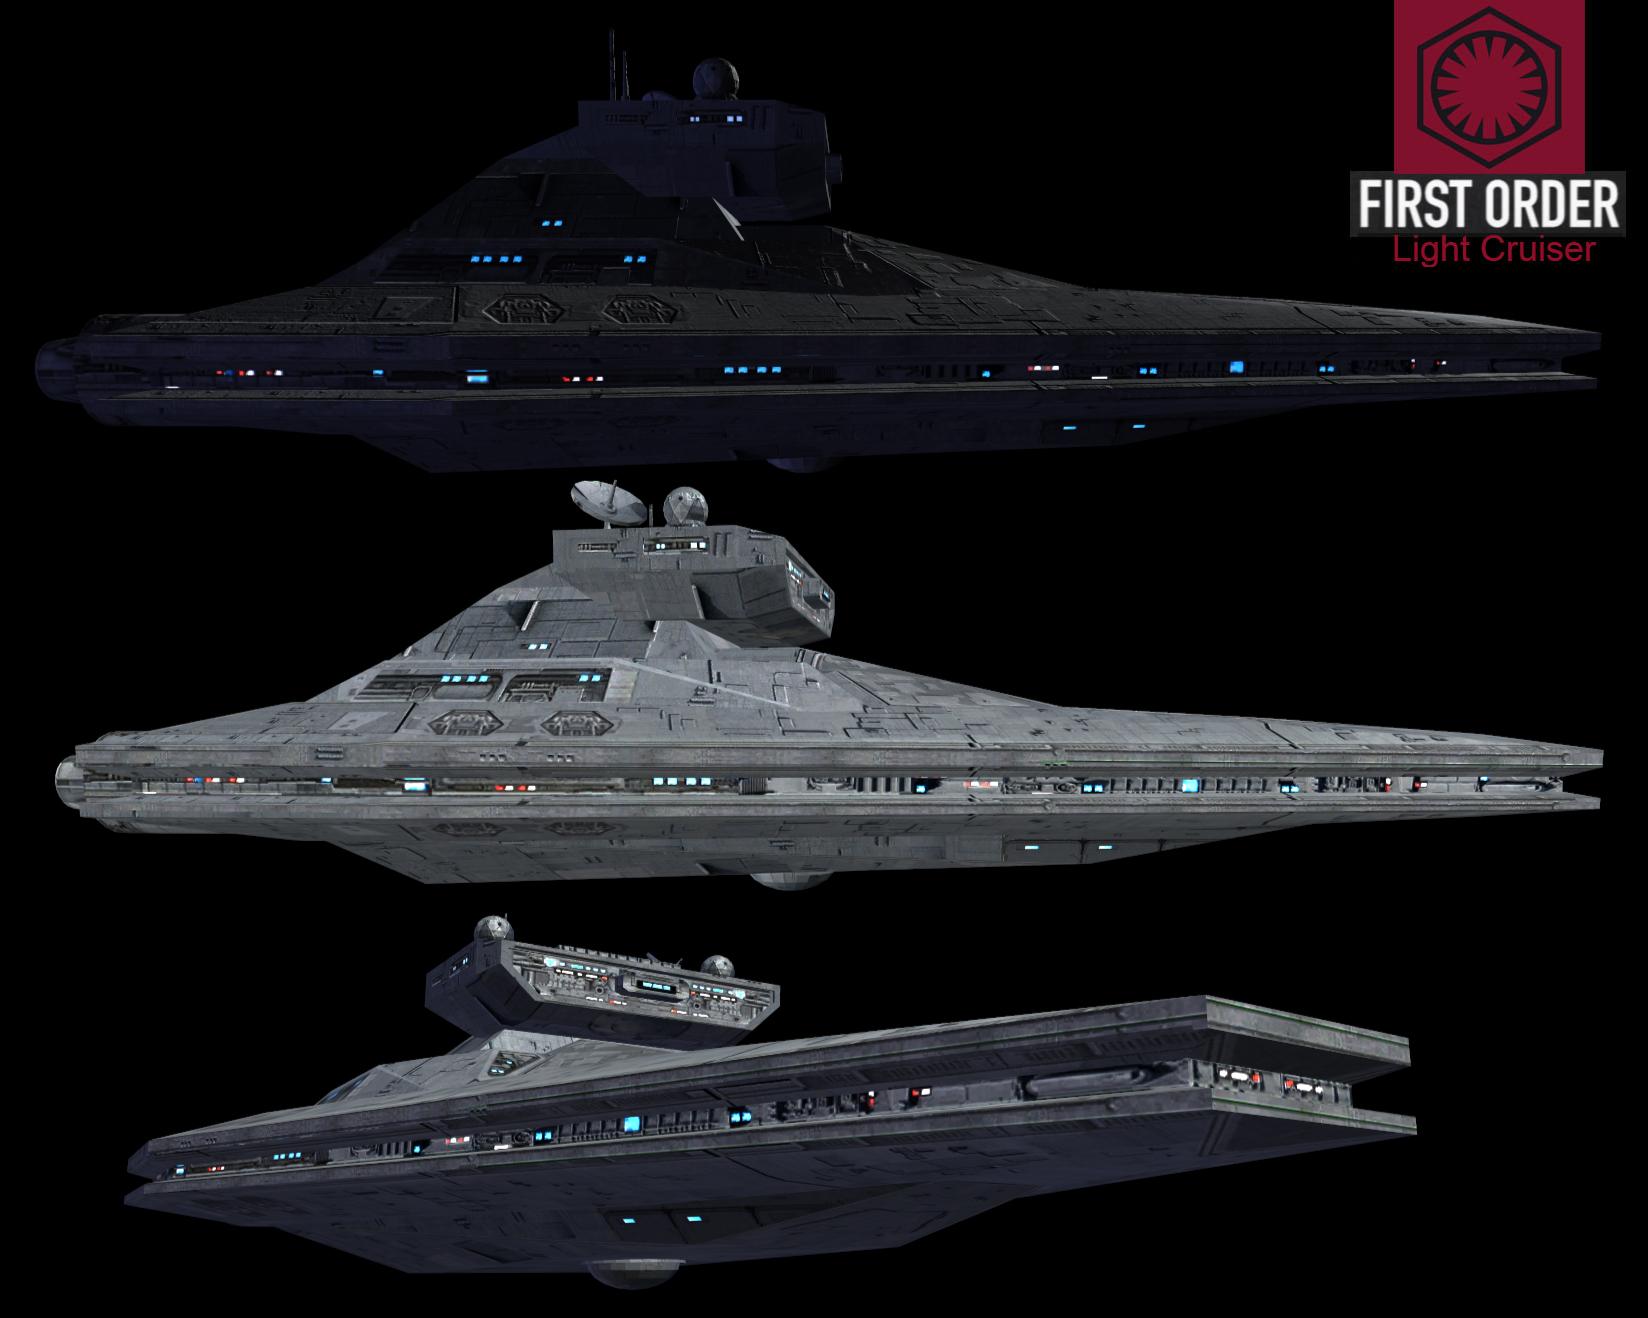 Bildergebnis für First Order Light Cruiser